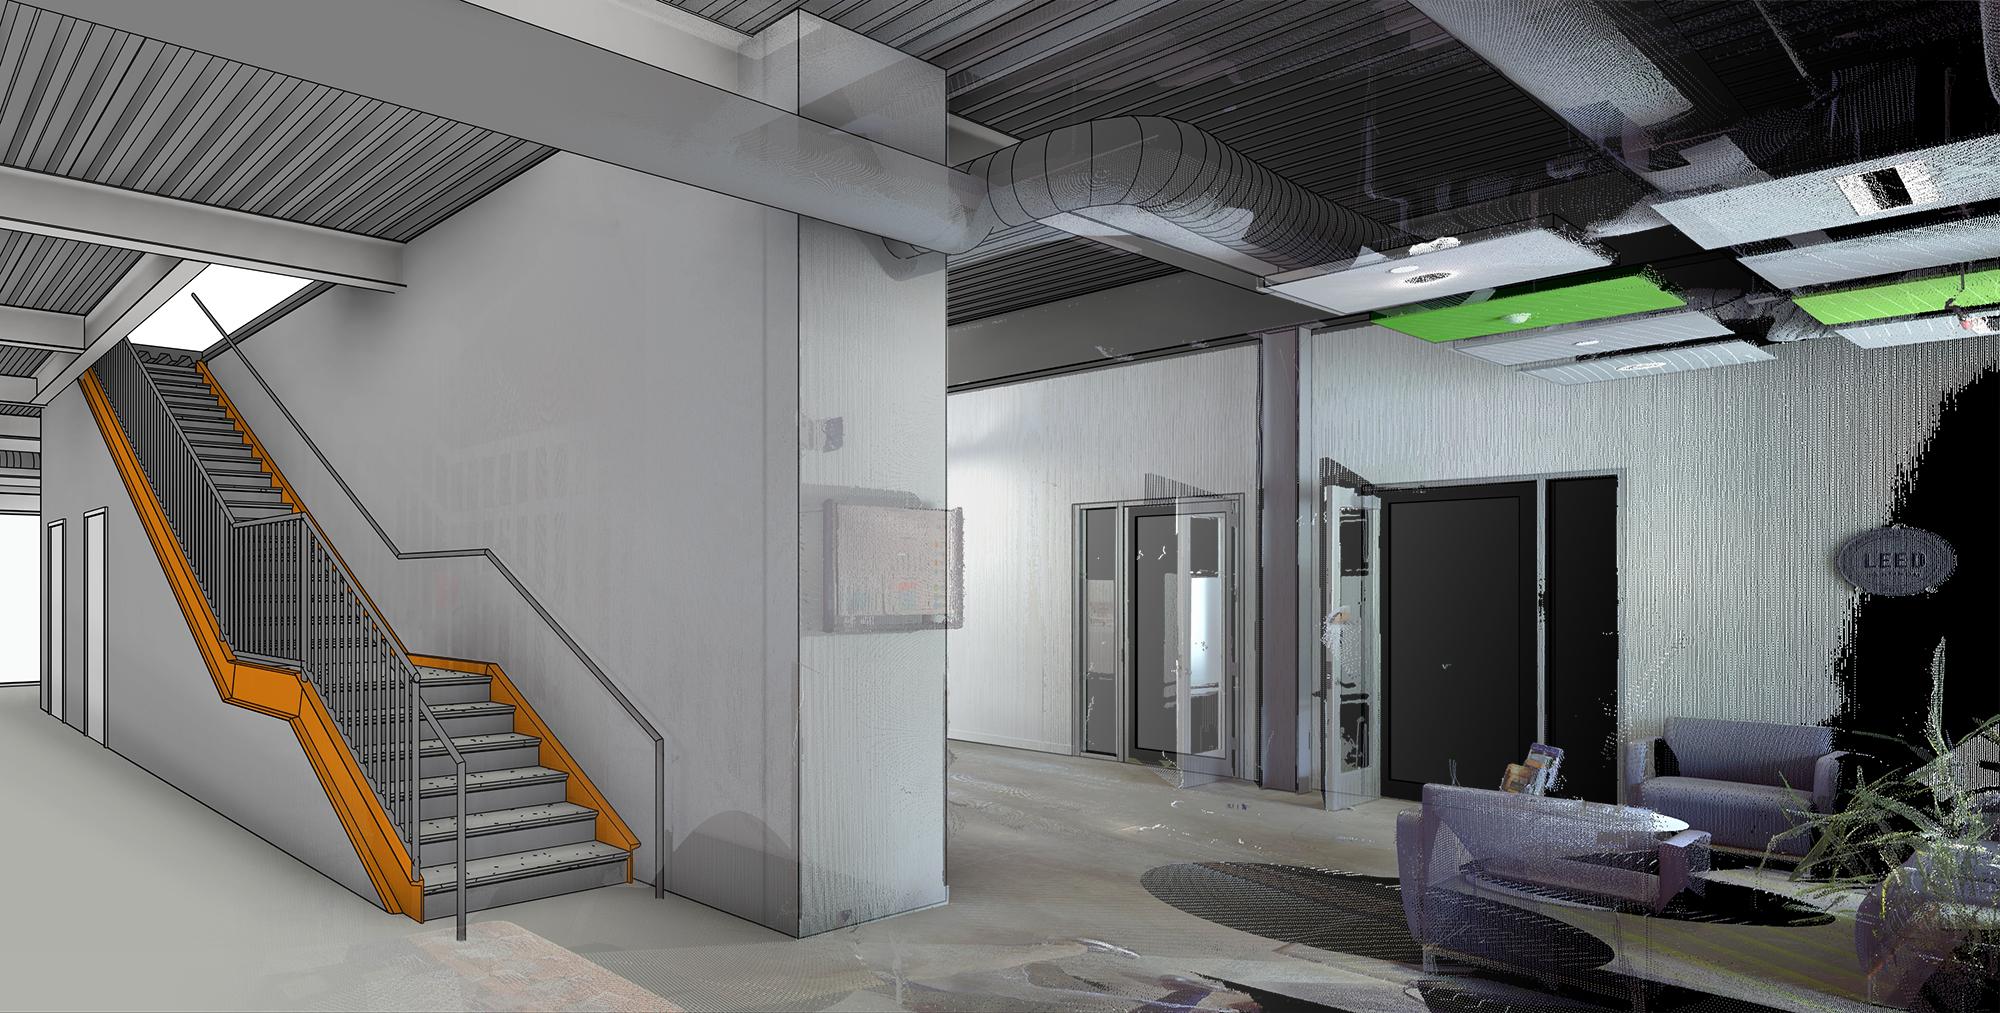 office as-built surveys, building measurement services houston